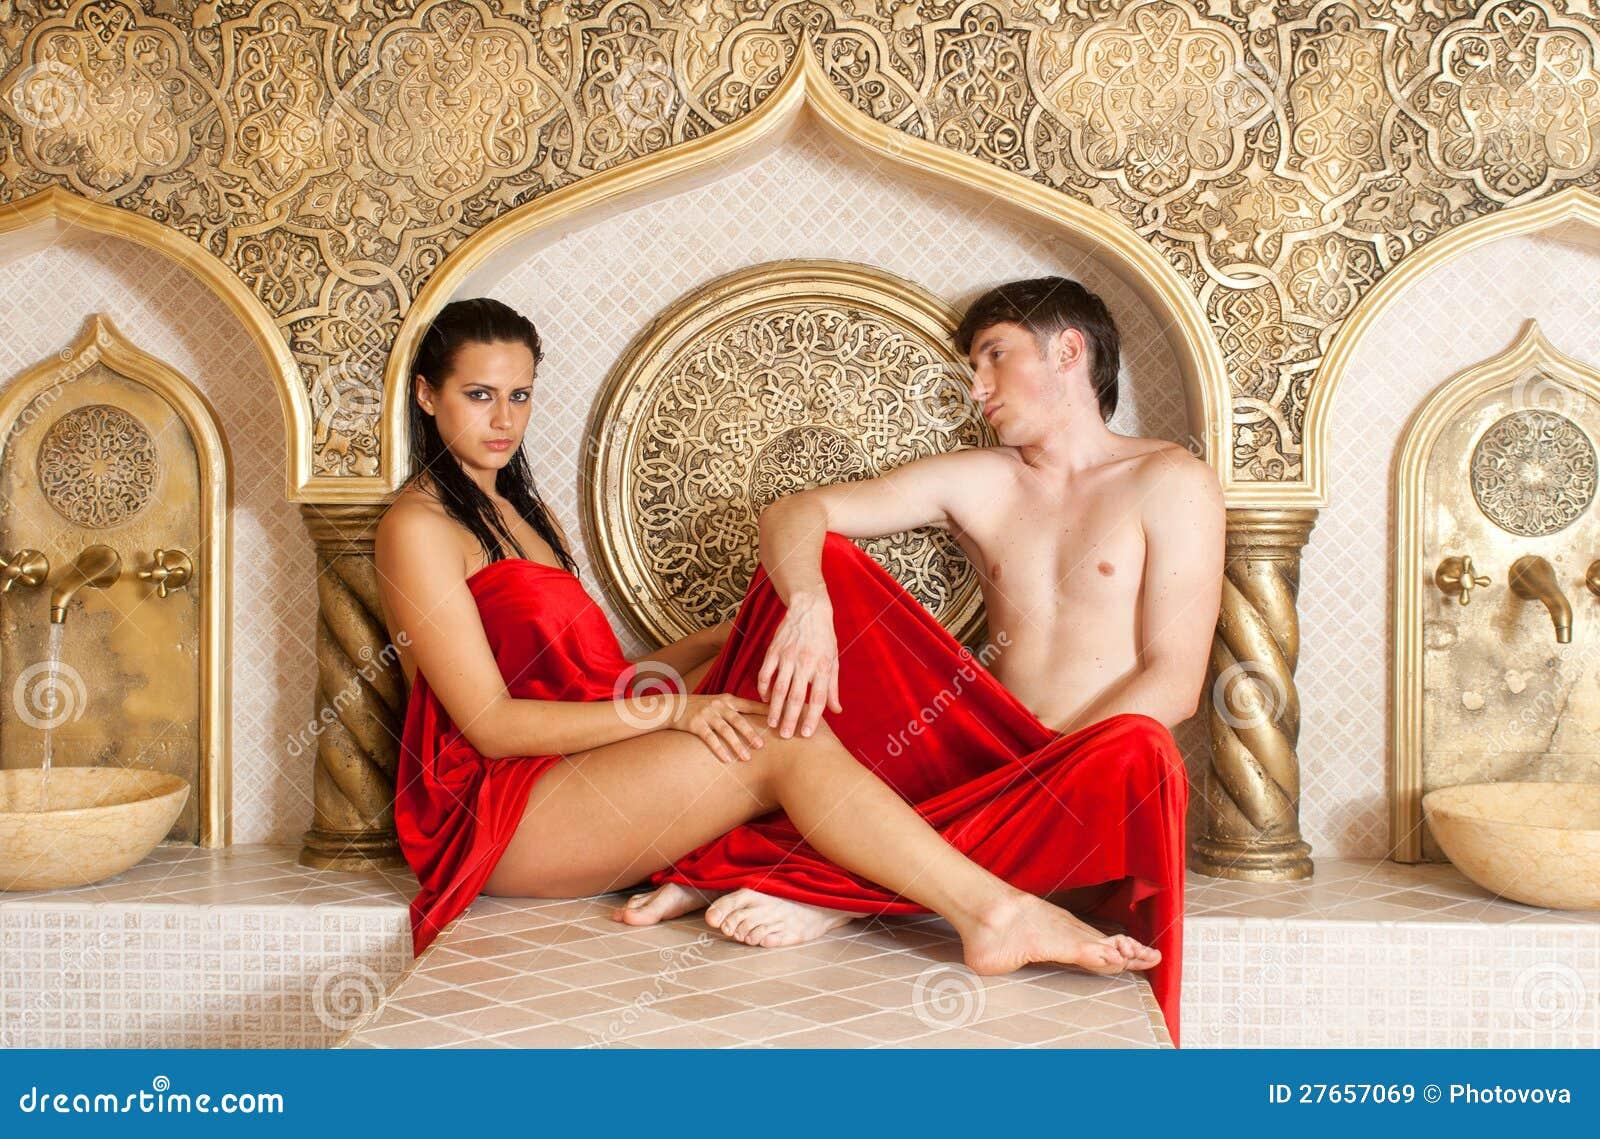 Русская девушка для двоих 2 фотография